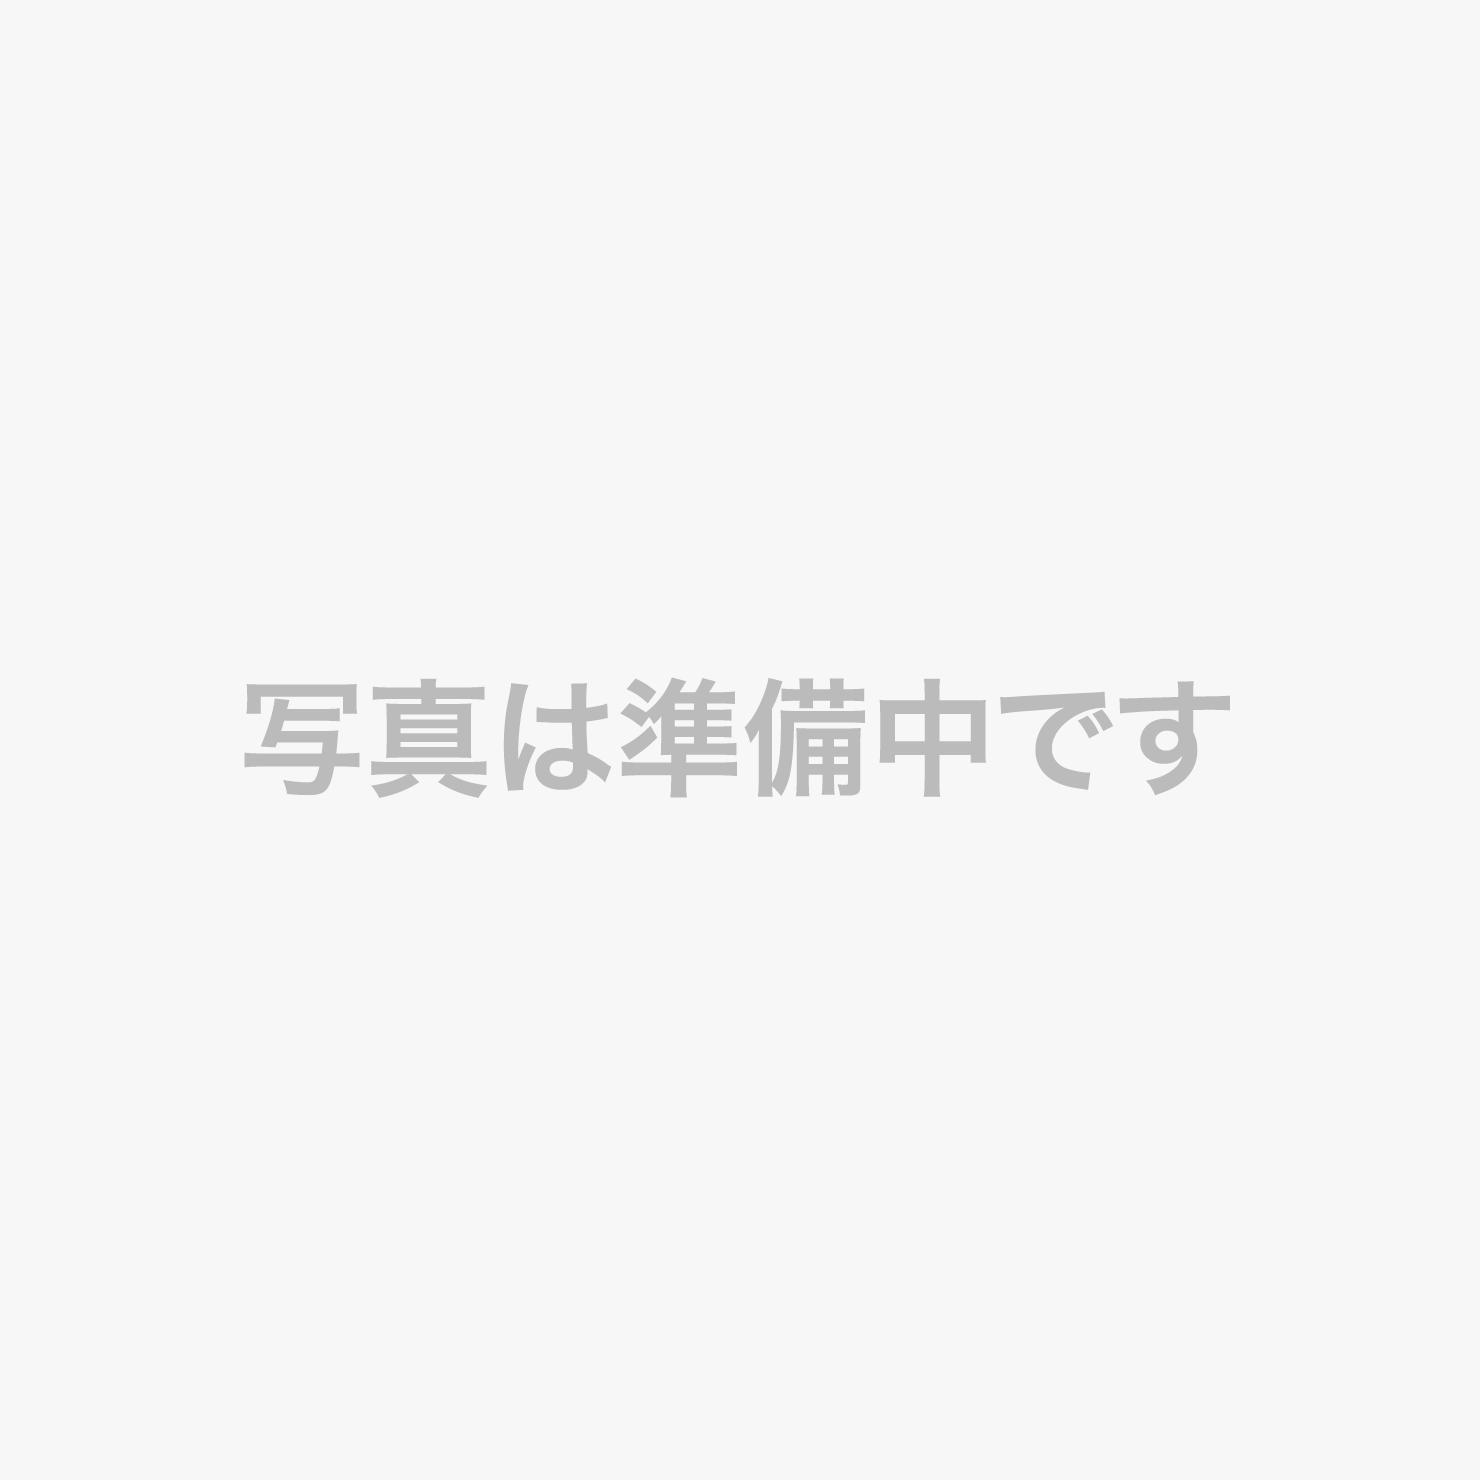 米沢の酒蔵香梅のお酒「良縁」